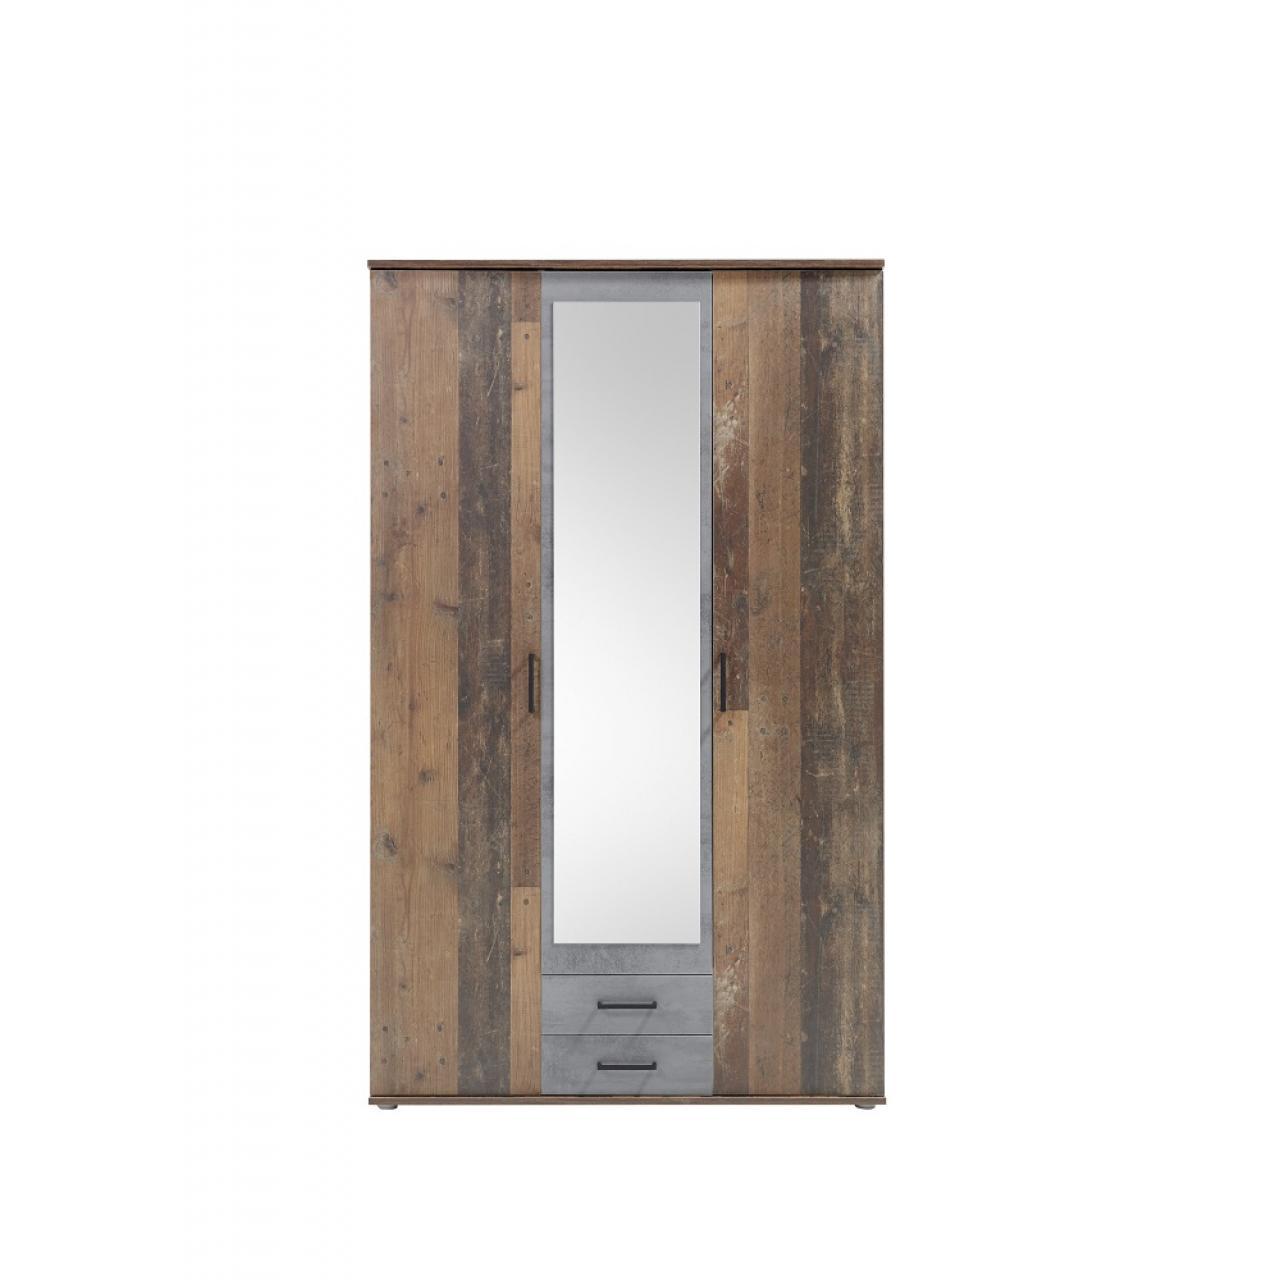 3 trg. Kleiderschrank Chicago Old Style Dunkel Beton Drehtürenschrank 2 Schubladen Spiegeltür